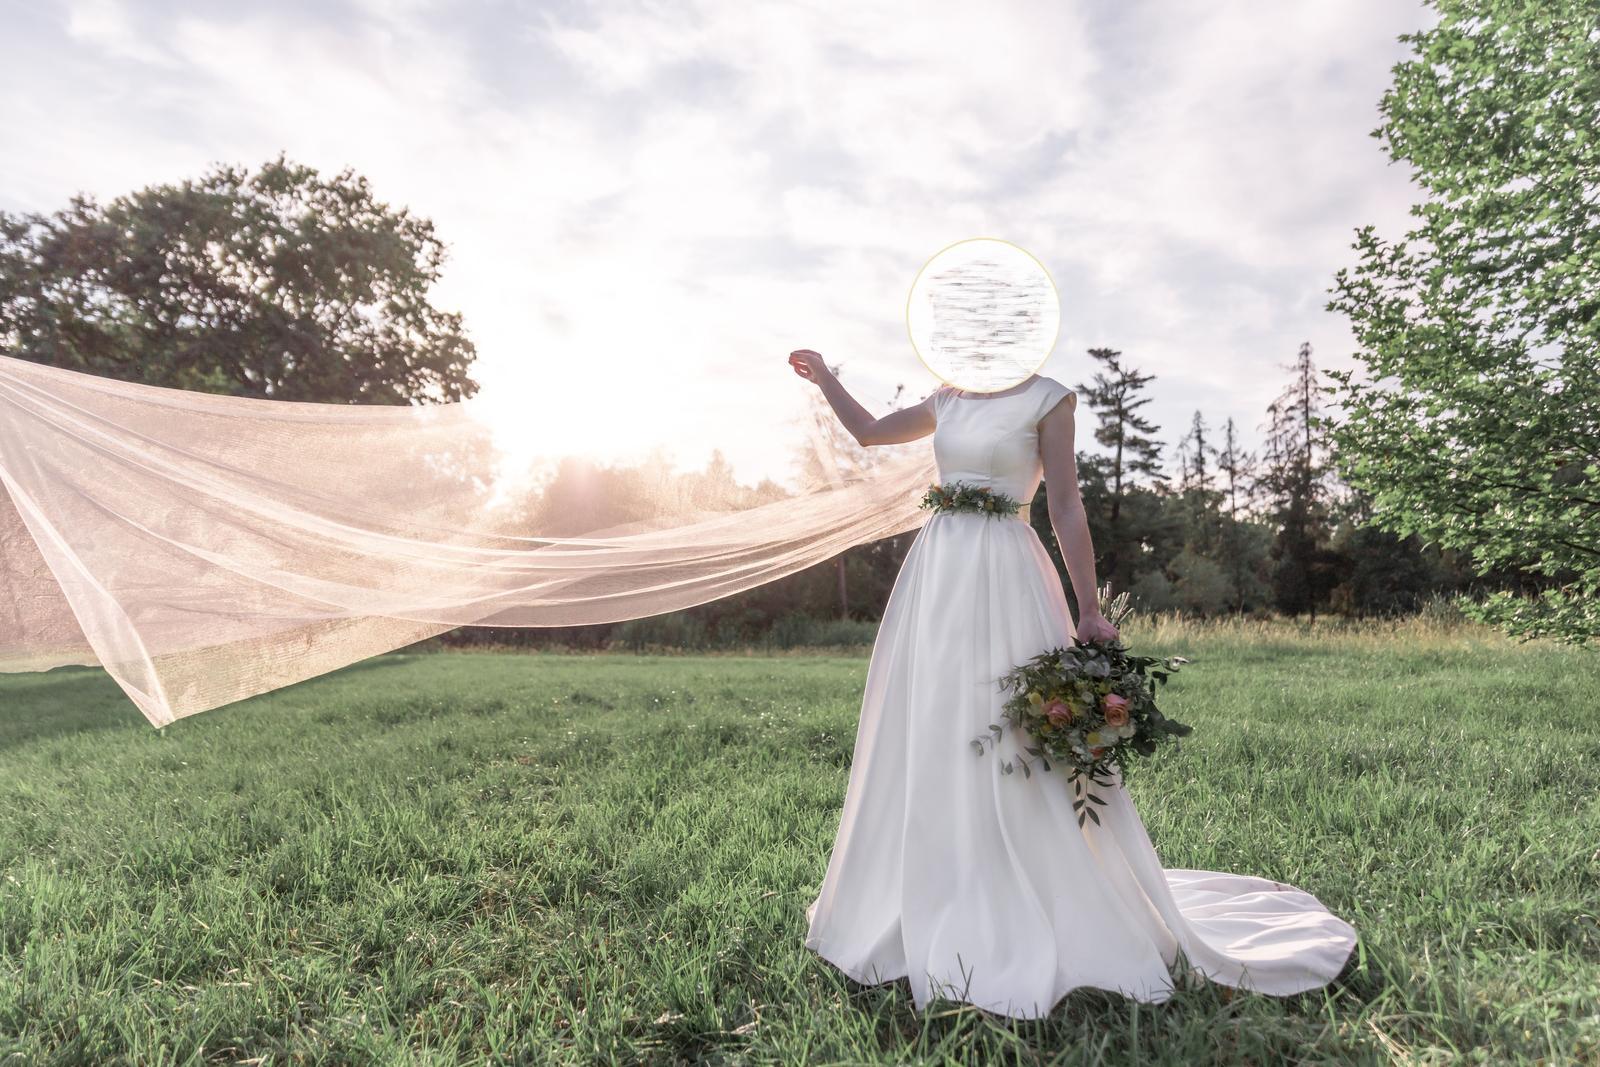 Predám saténové svadobné šaty - Obrázek č. 1